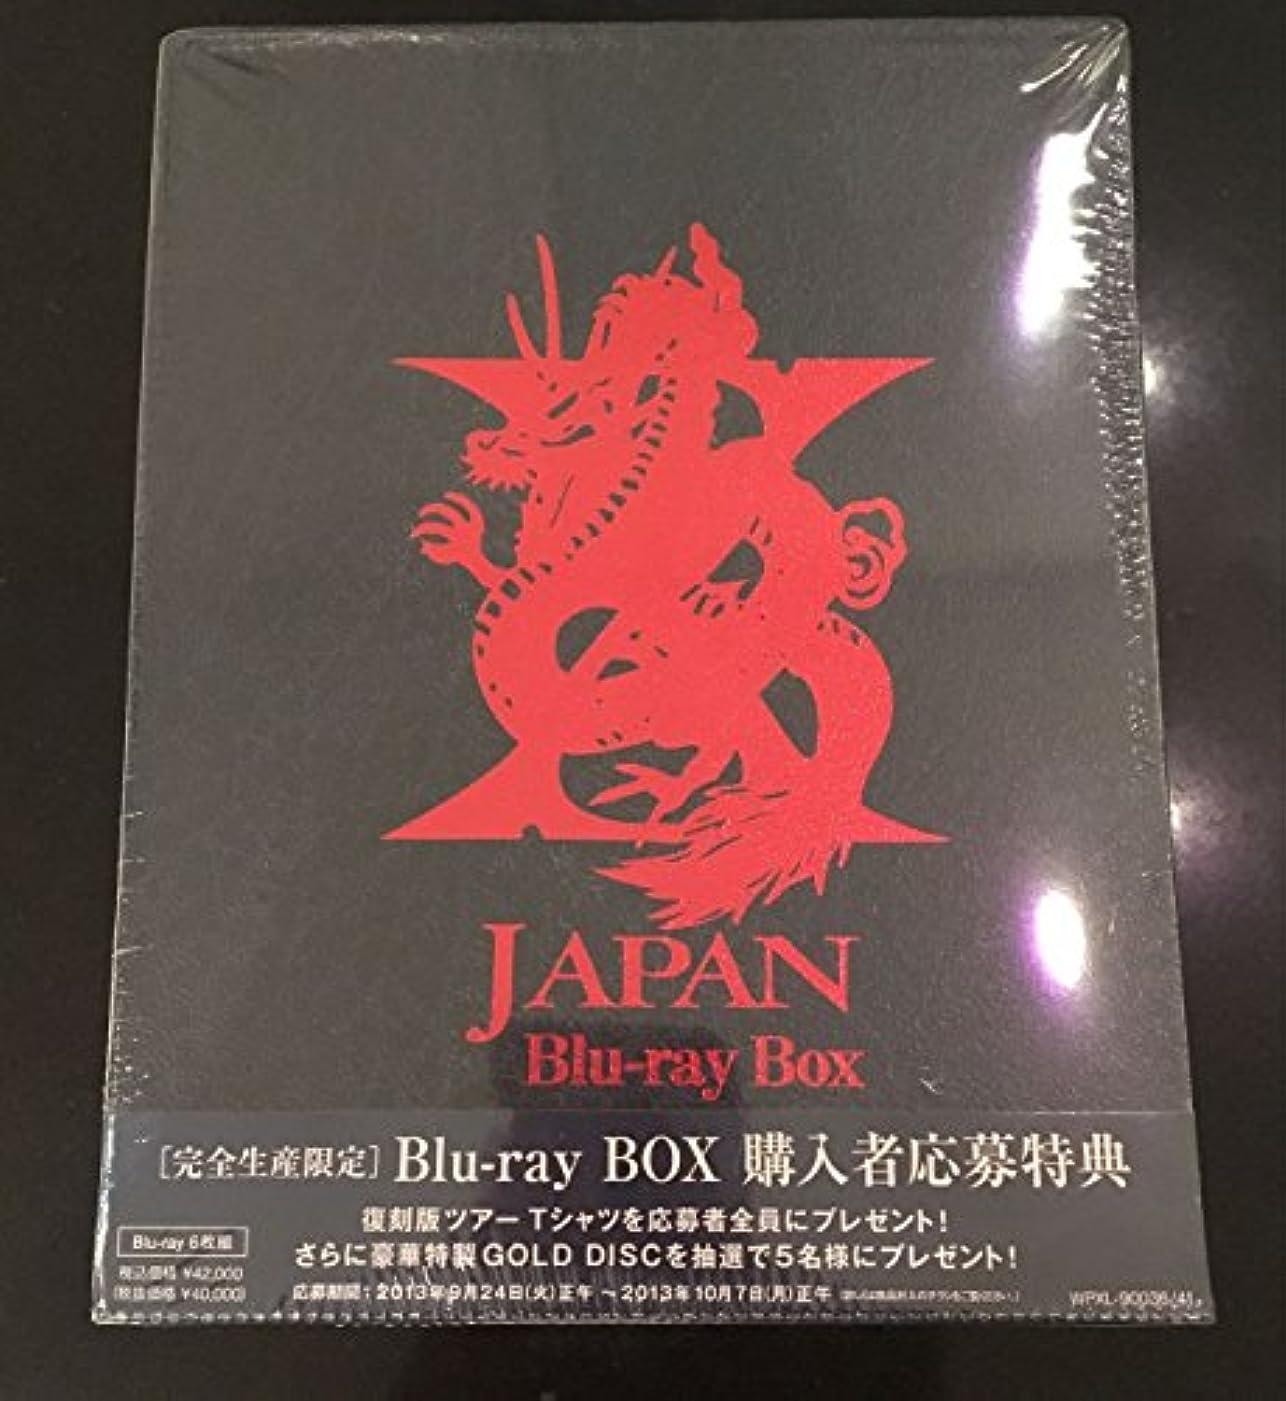 純粋なラインナップカレンダーX JAPAN Blu-ray BOX(6枚組) [完全生産限定]